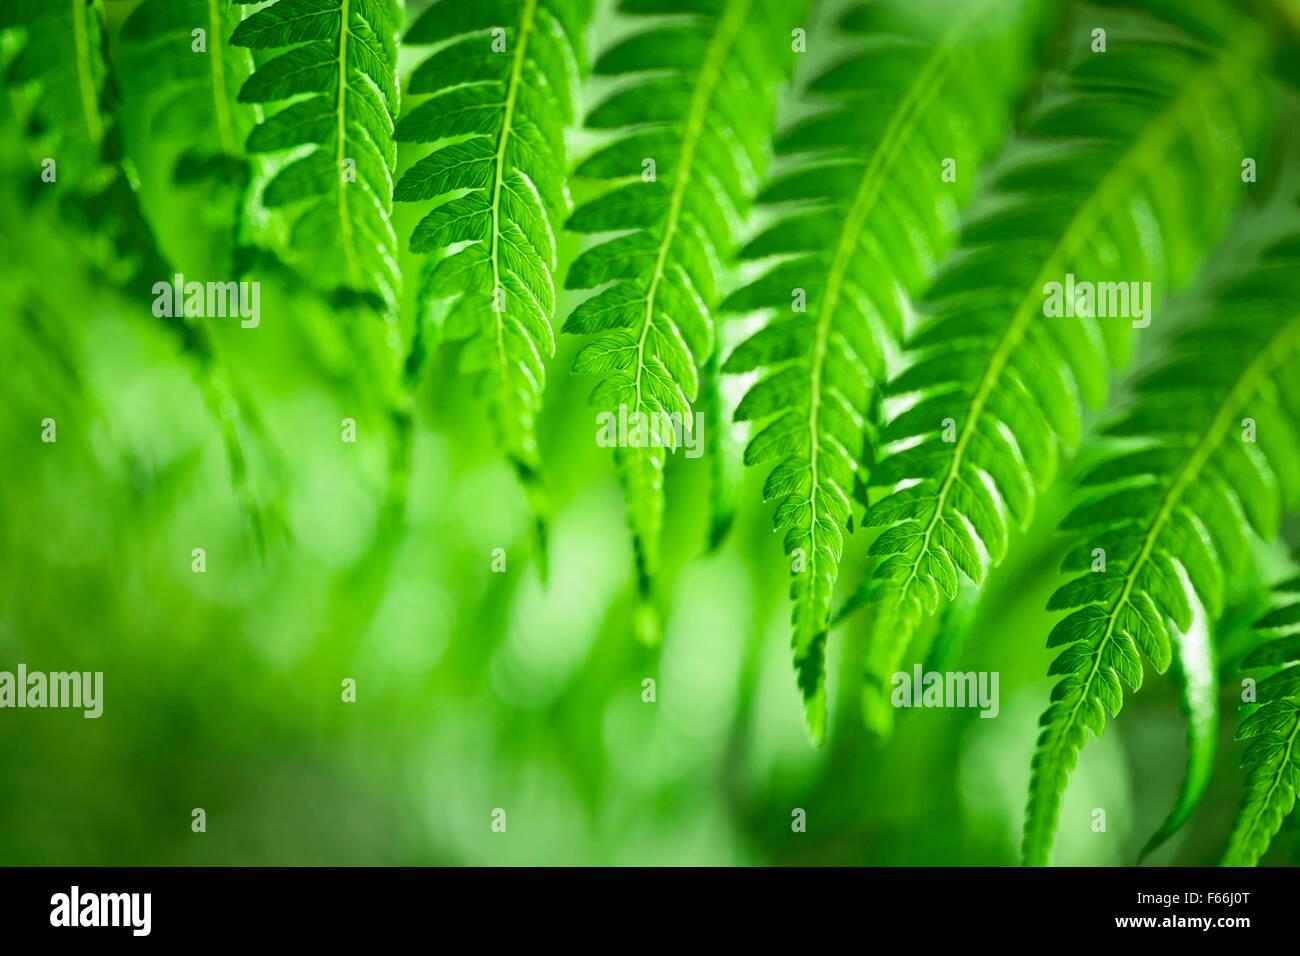 Frais Vert fougère de Nouvelle-Zélande d'artifices Photo Stock